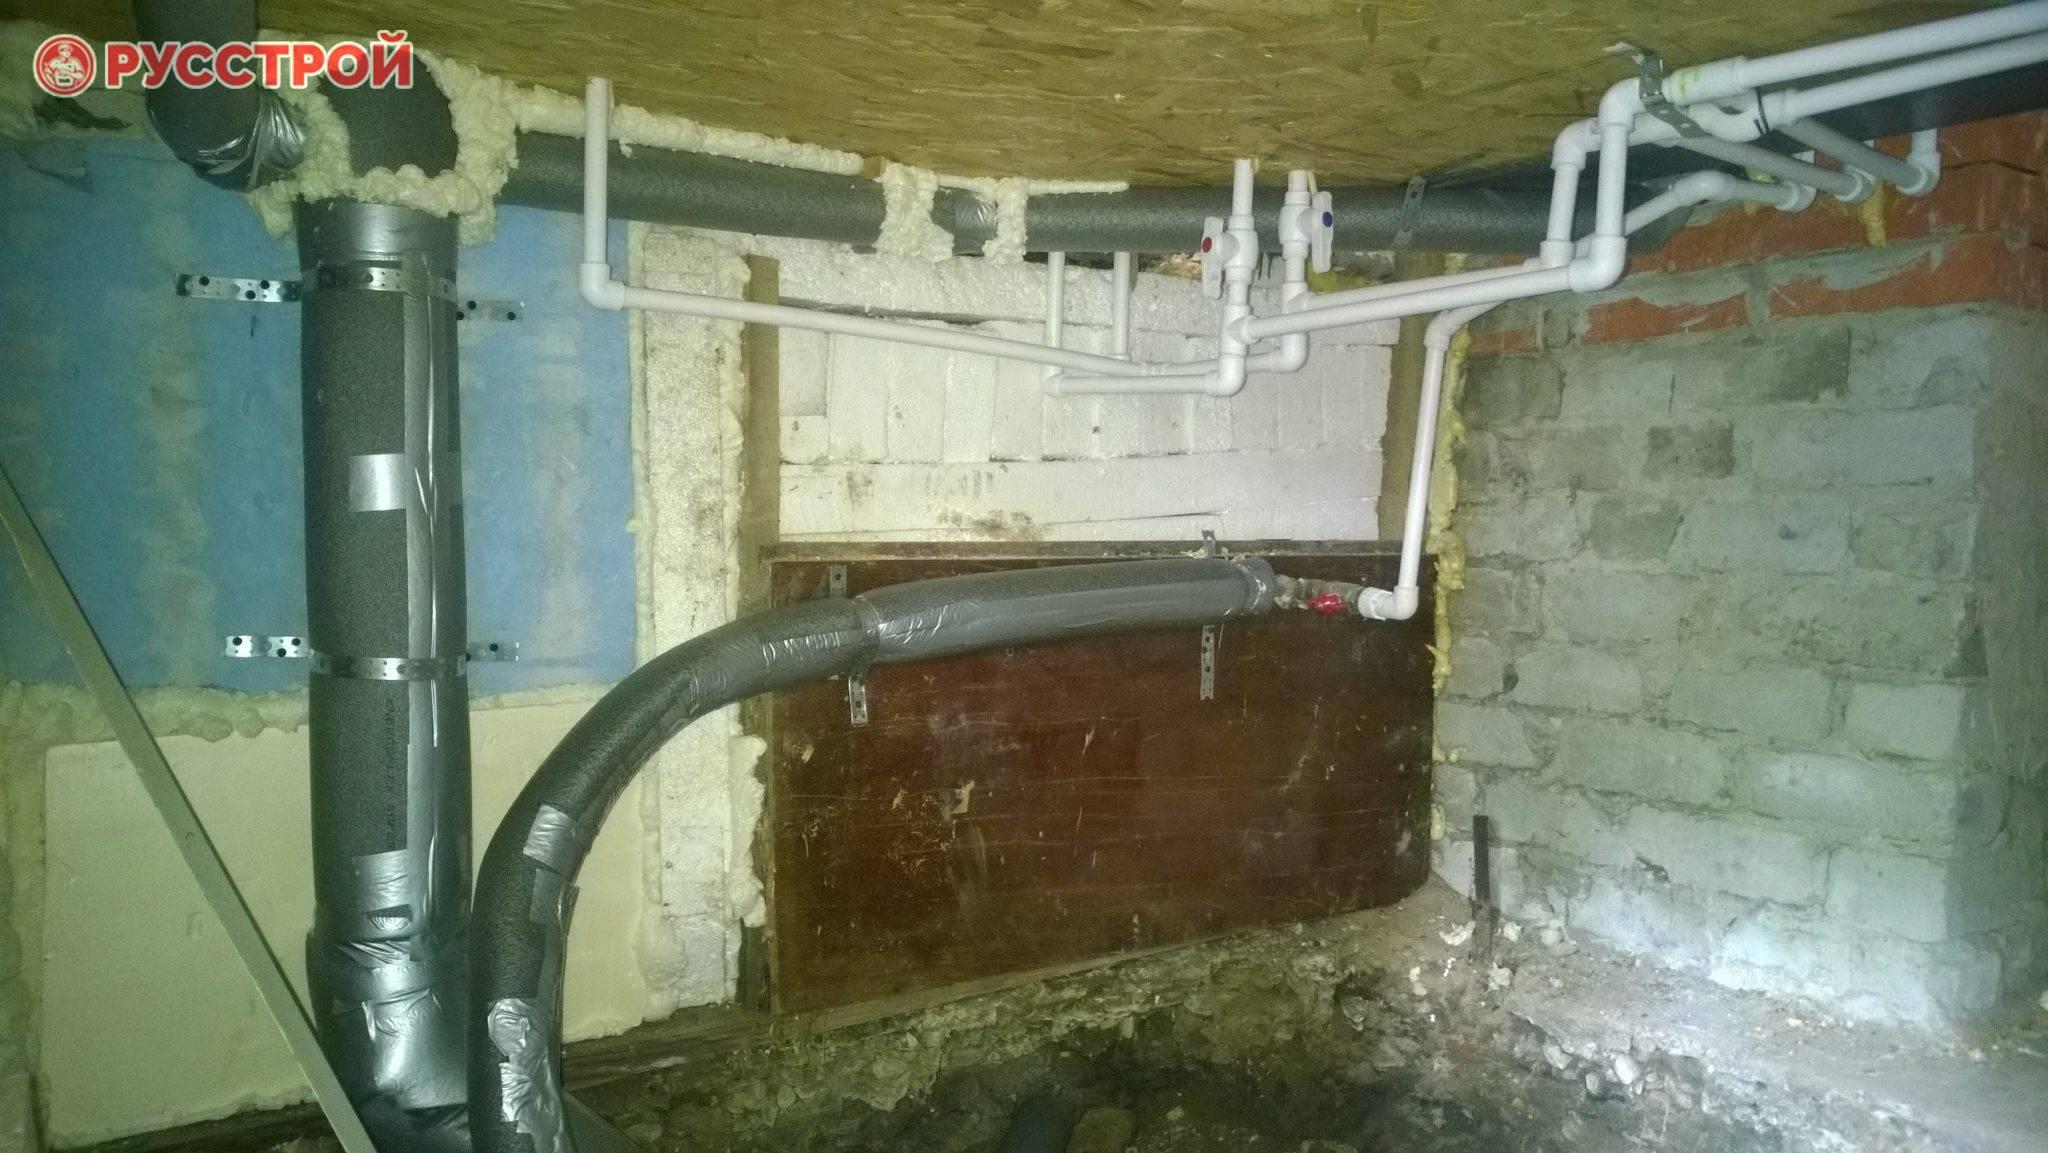 Как утеплить трубы отопления на улице или чердаке: обзор доступных способов. утепляем коммуникации в подвале: трубы отопления